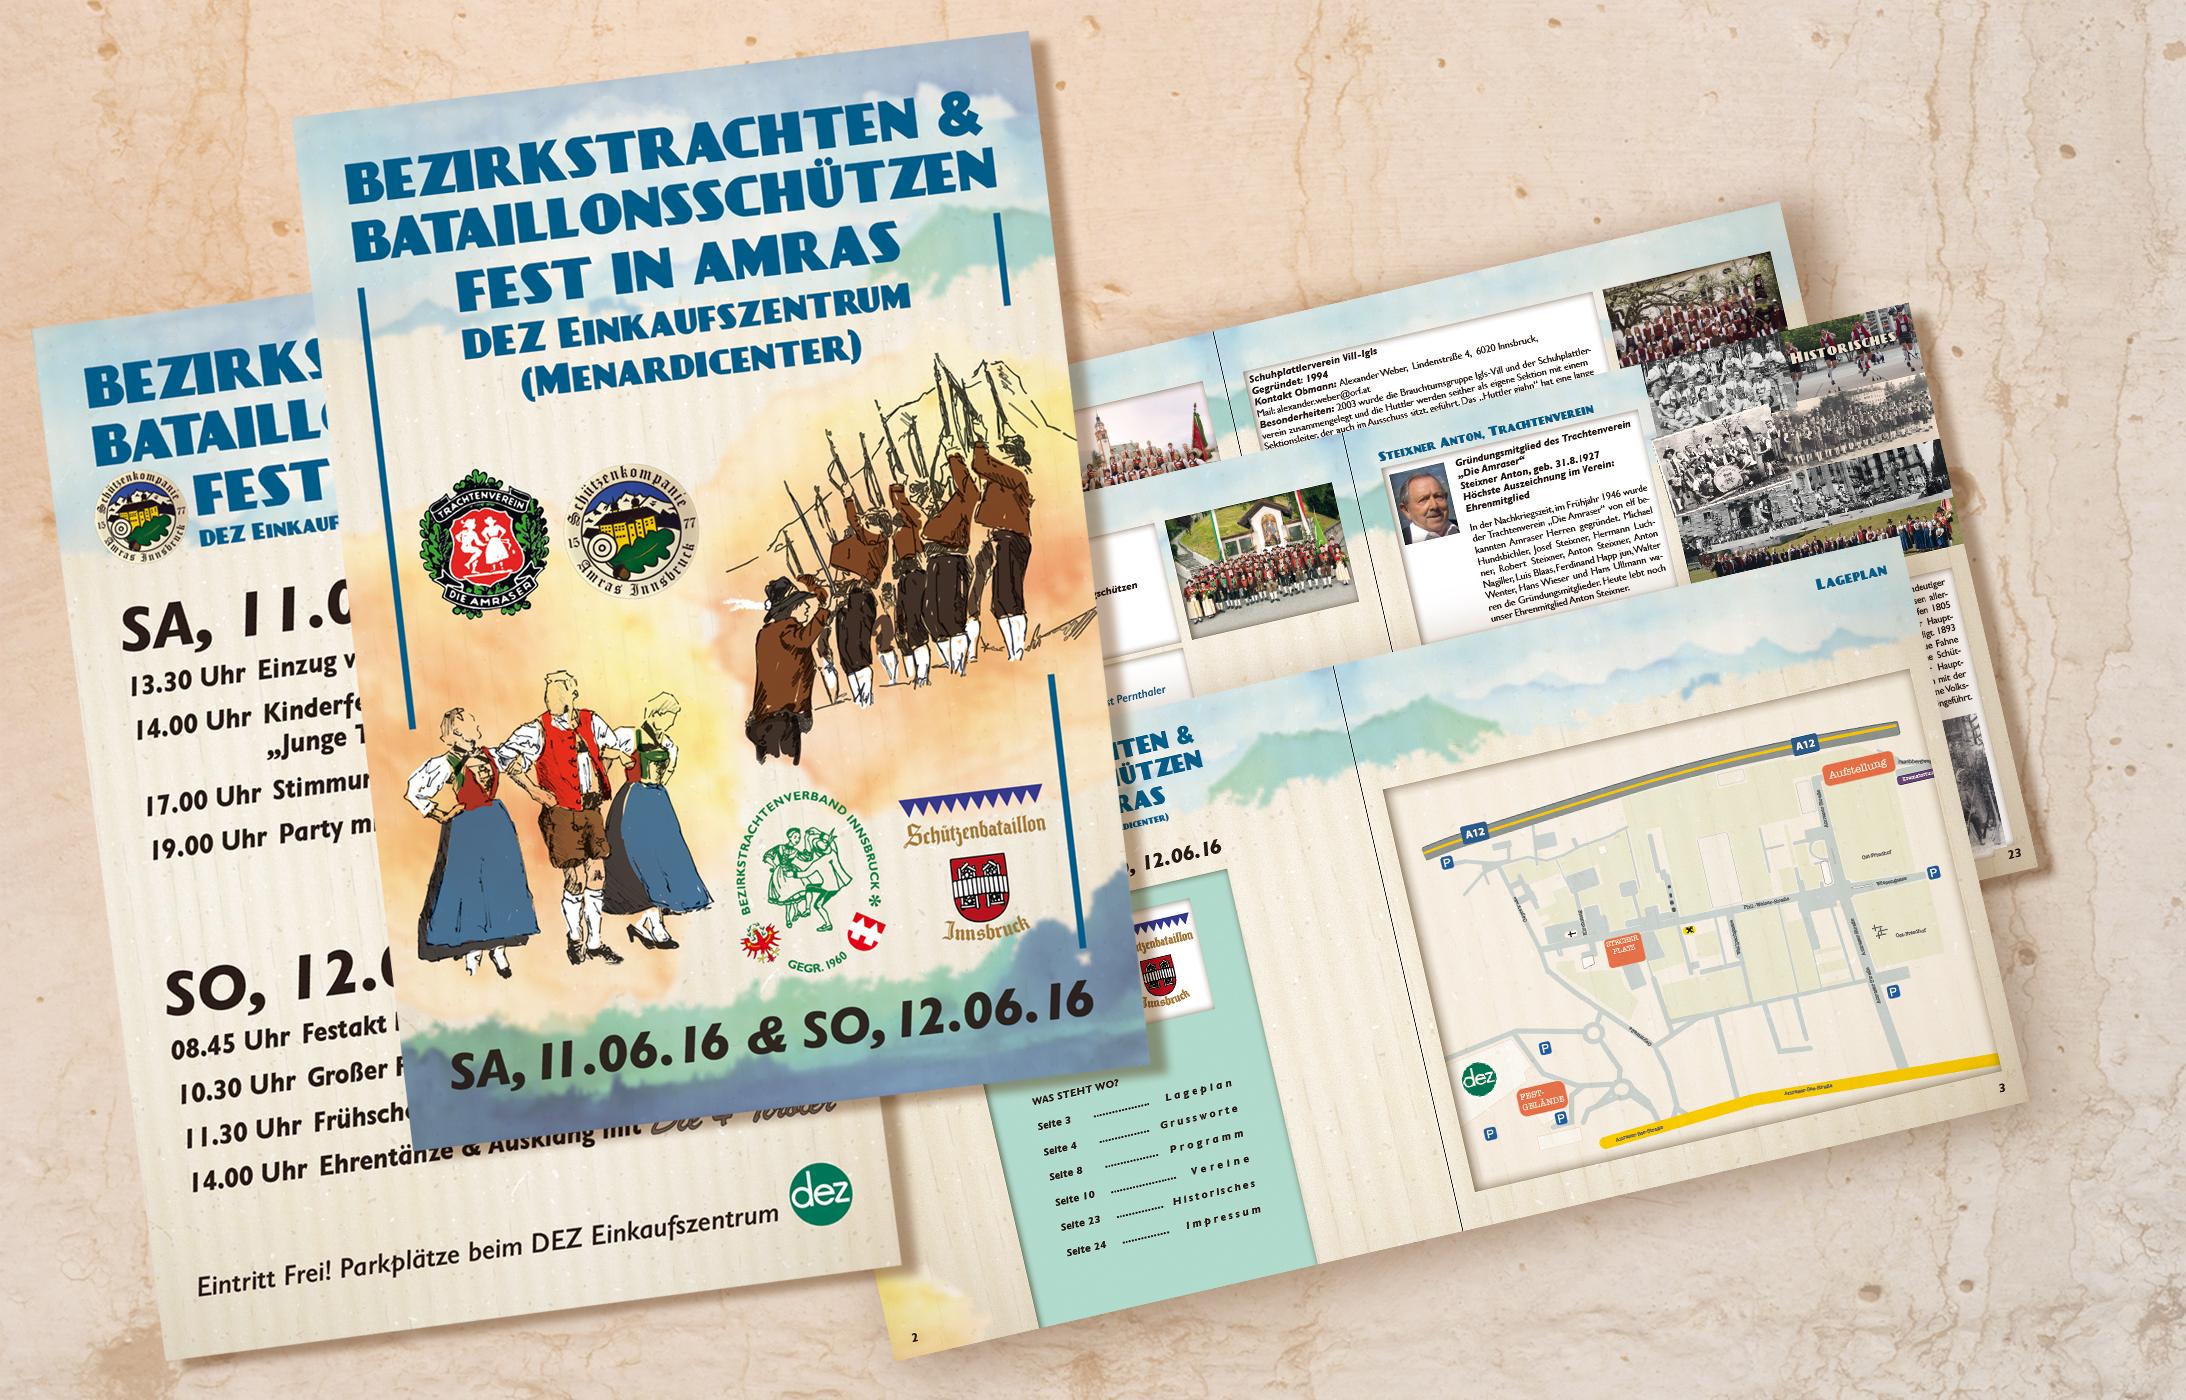 Bezirkstrachtenfest